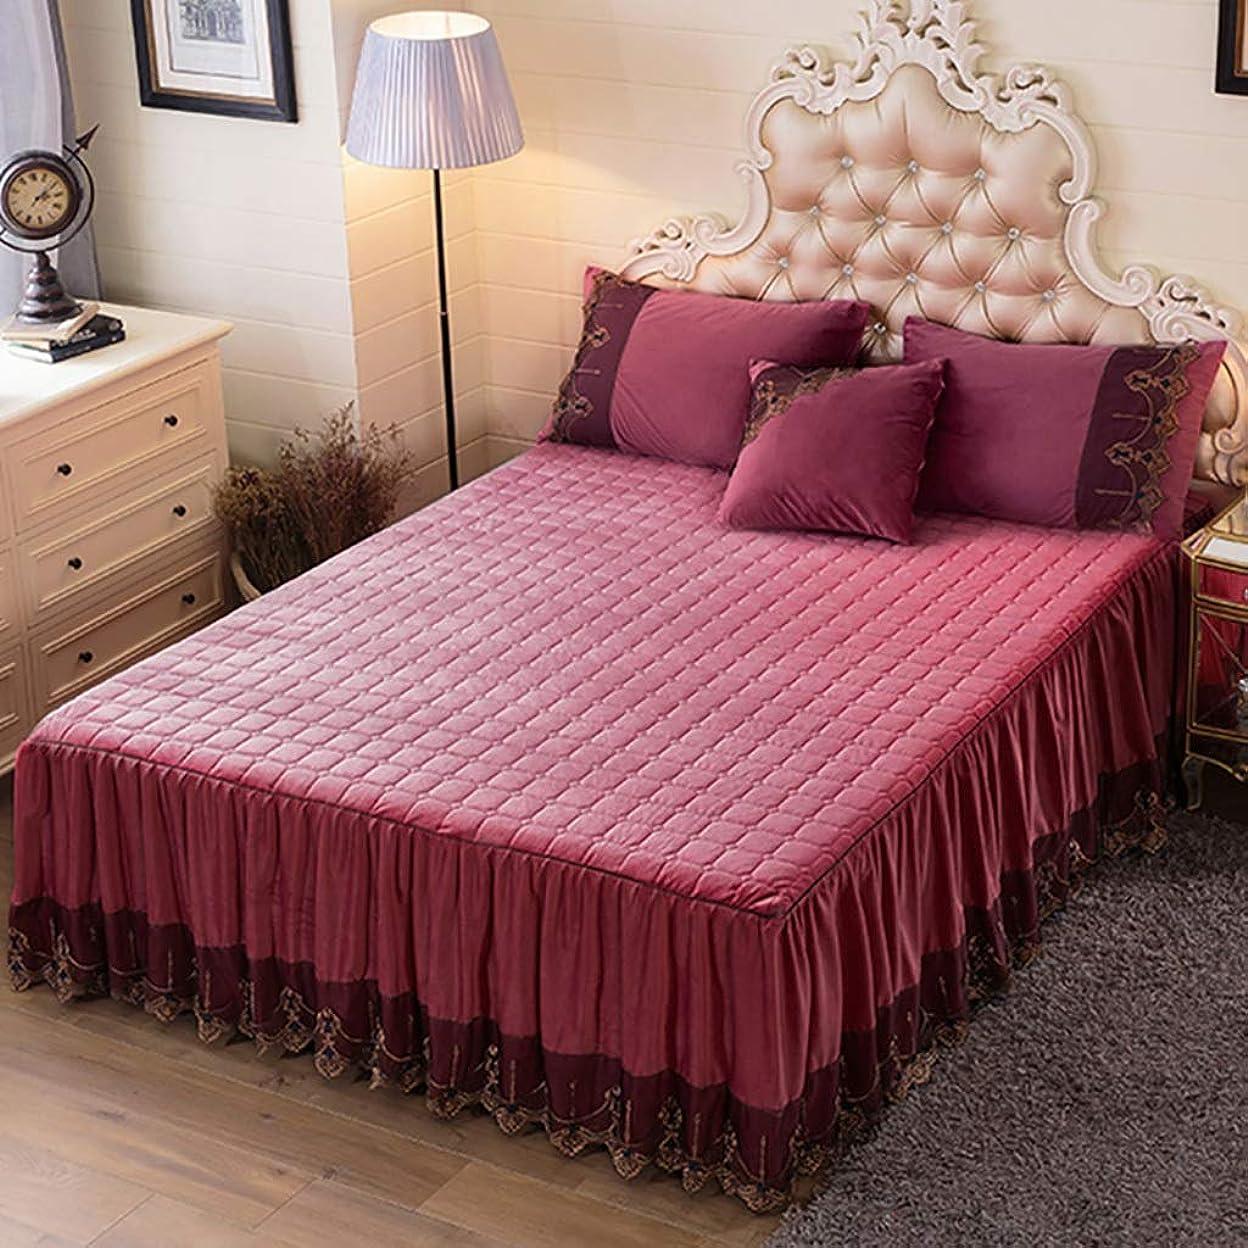 爪気づかないほこり寝具カバーセット 3点セットベッドの上掛け布団カバーベッドスカートシーツピローケースクッションカバー布団カバーギフトベッドセット寝具ホテルファミリー厚くキルティング (色 : A3, サイズ さいず : 180*200CM bed skirt)